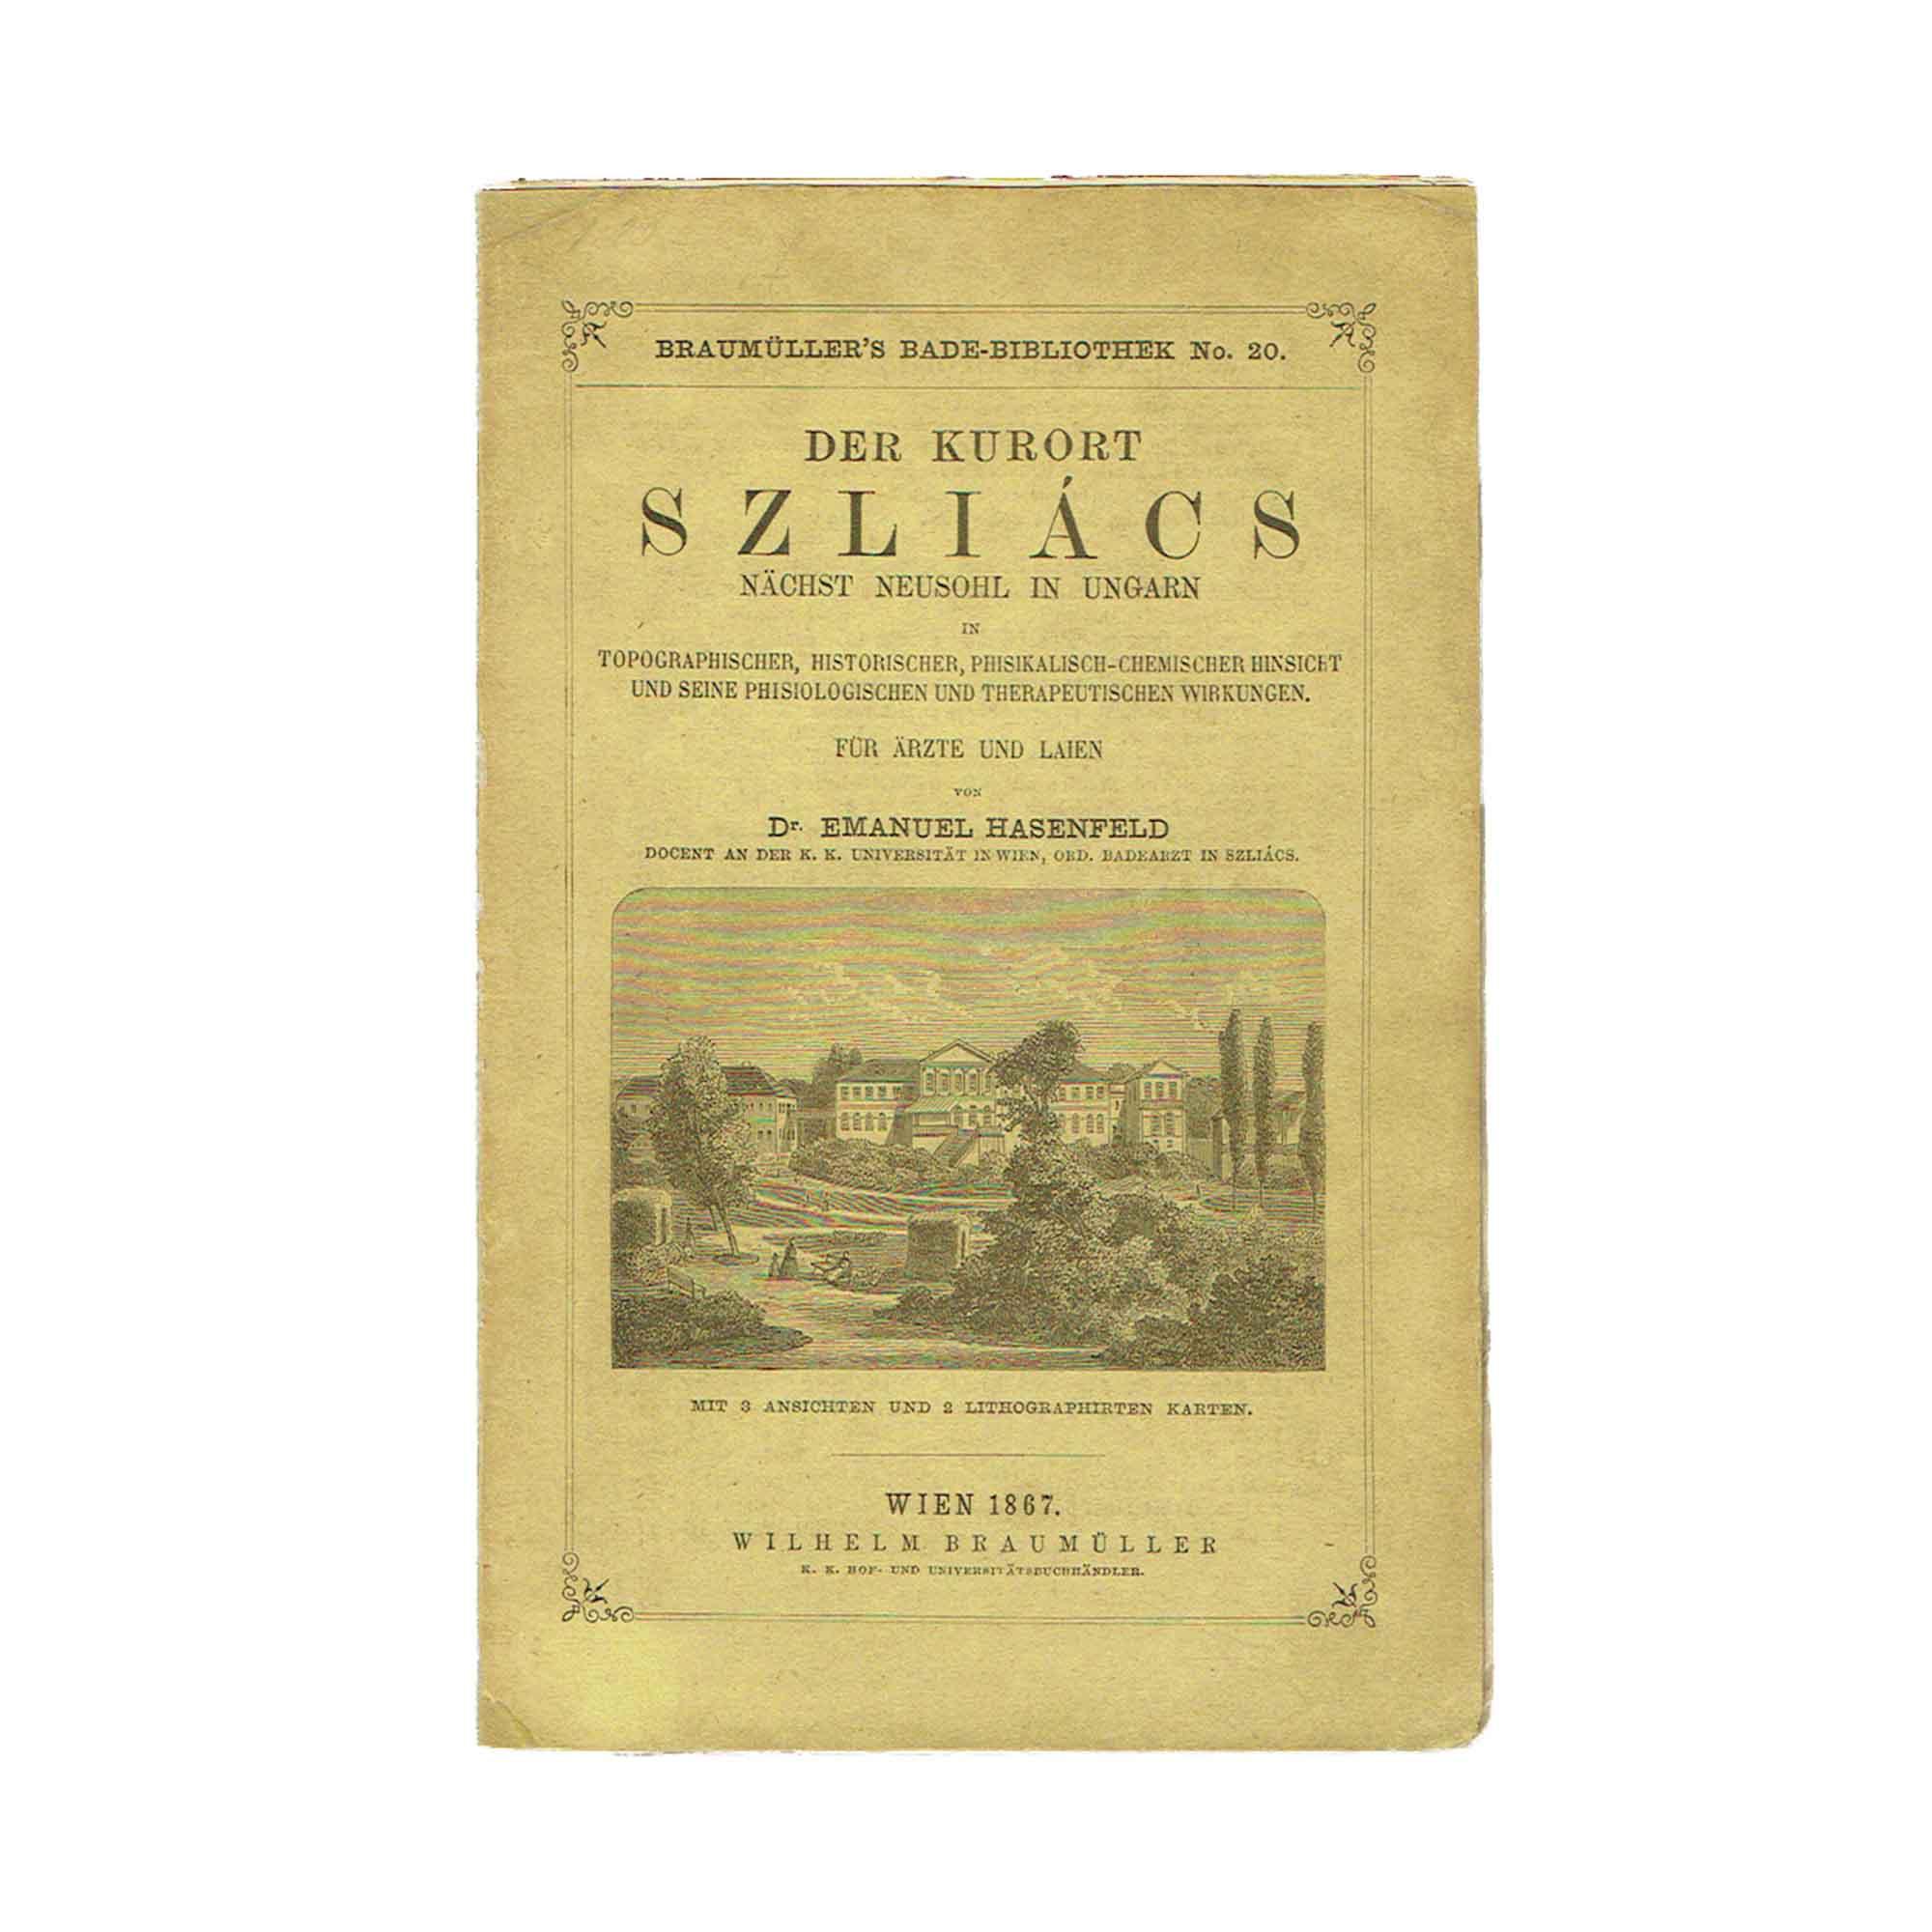 5286-Hasenfeld-Kurort-Szliacs-1867-Umschlag-frei-N.jpg